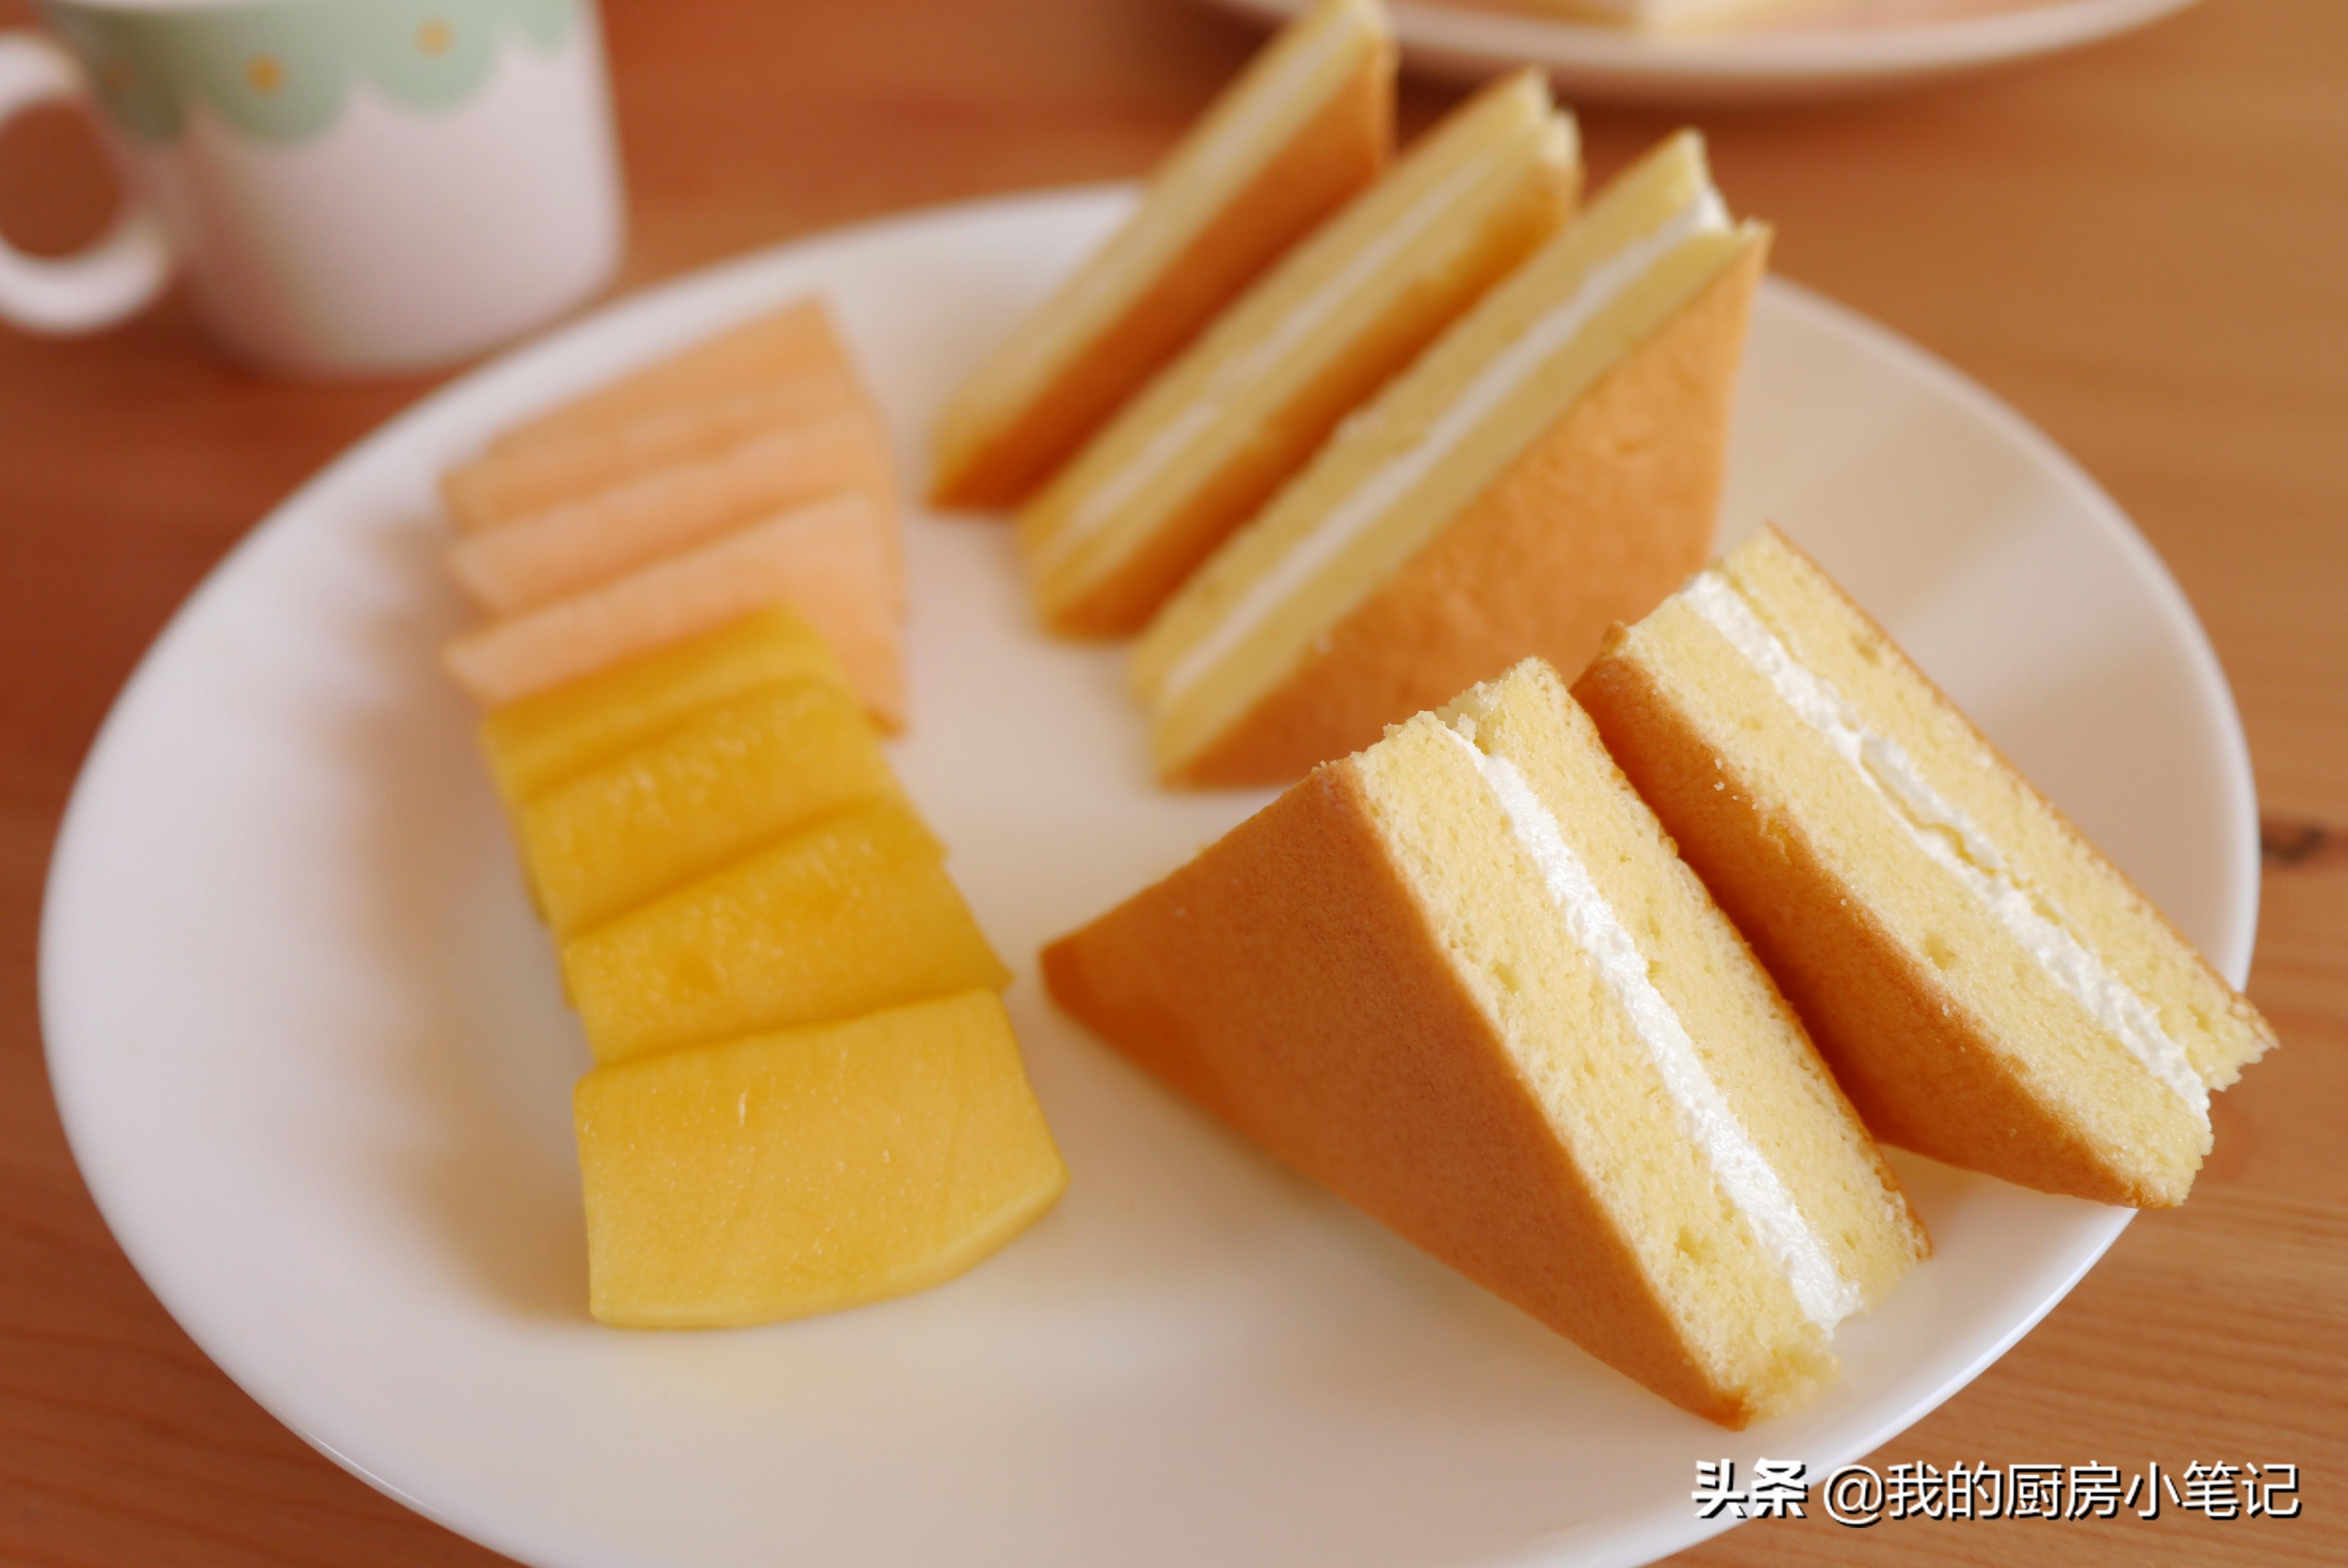 香香軟軟的蛋糕卷,卷出幸福好味道,給小朋友一個甜蜜的回憶